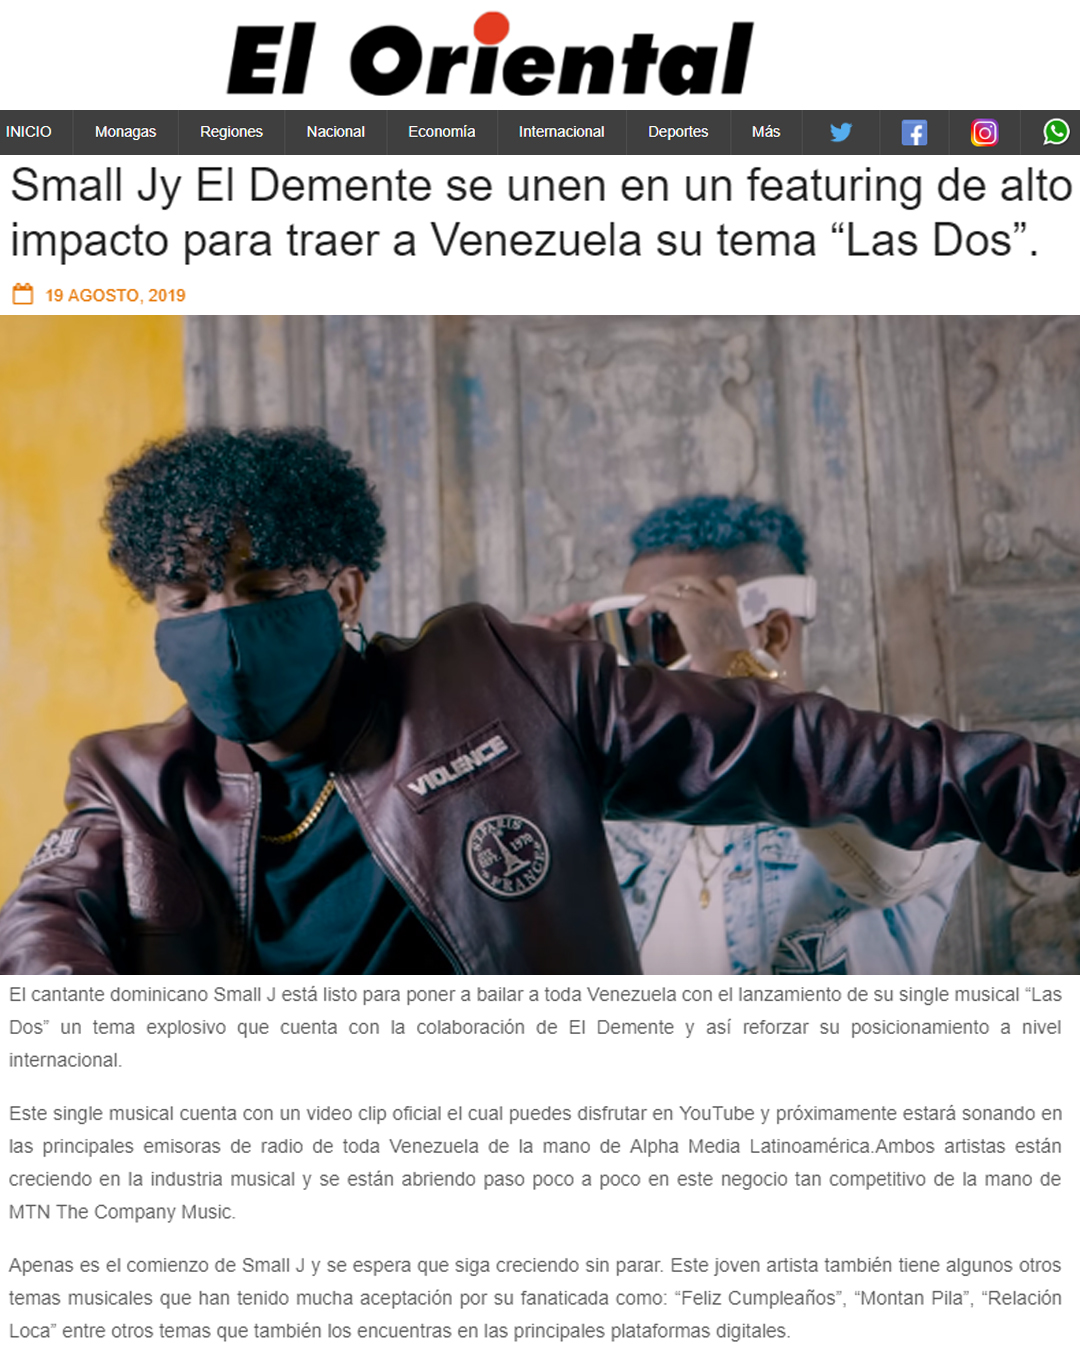 EL ORIENTAL